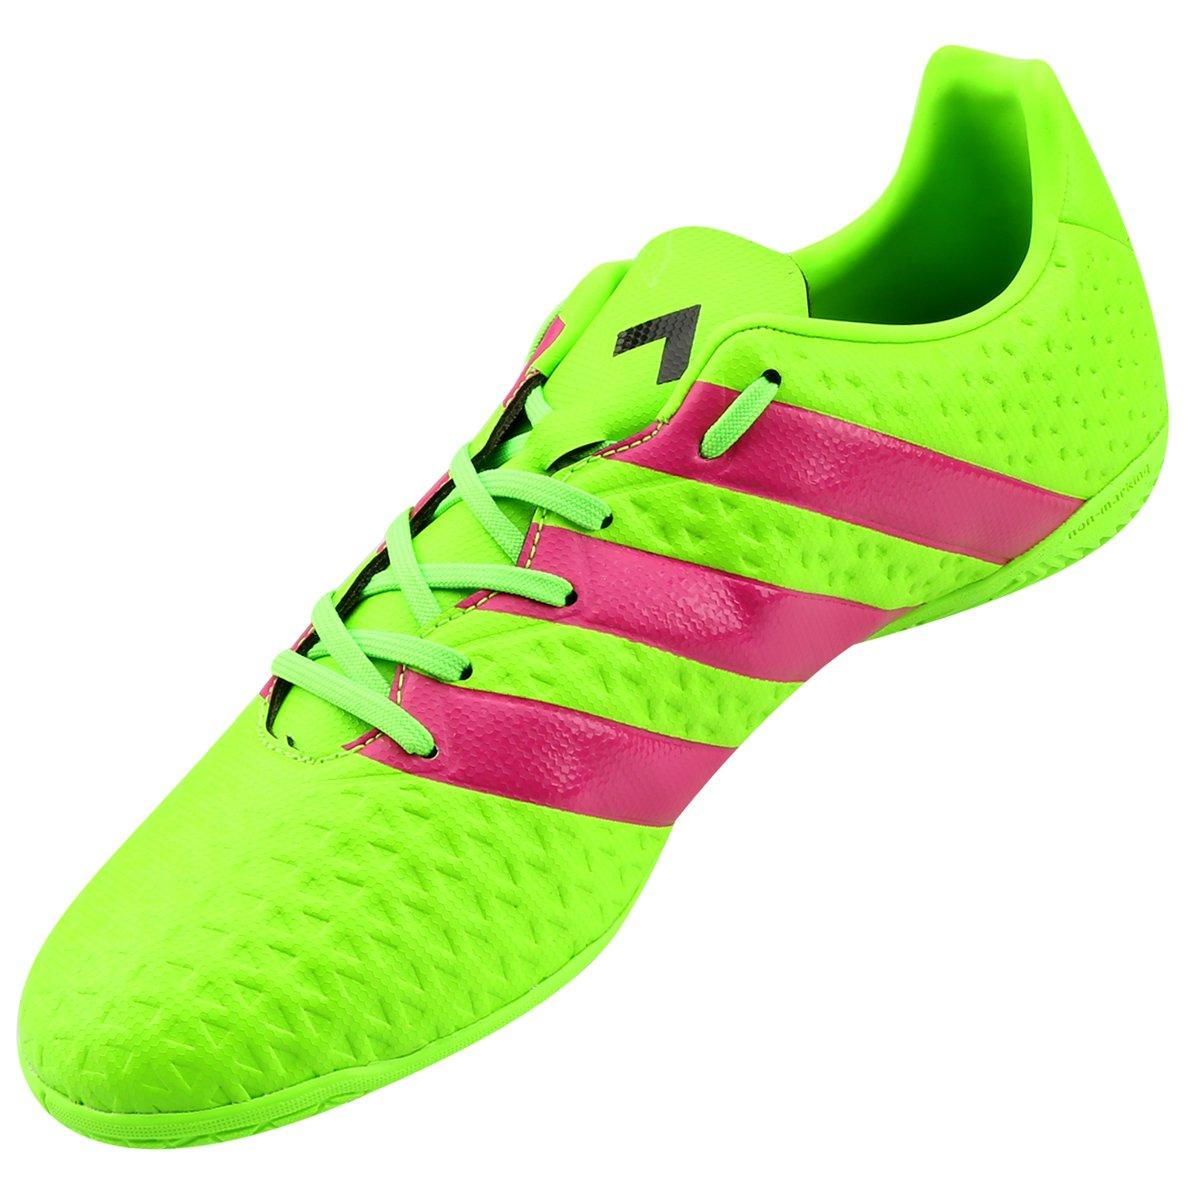 Respeto a ti mismo orden Haz un esfuerzo  Chuteira Futsal Adidas Ace 16.4 IN | Netshoes